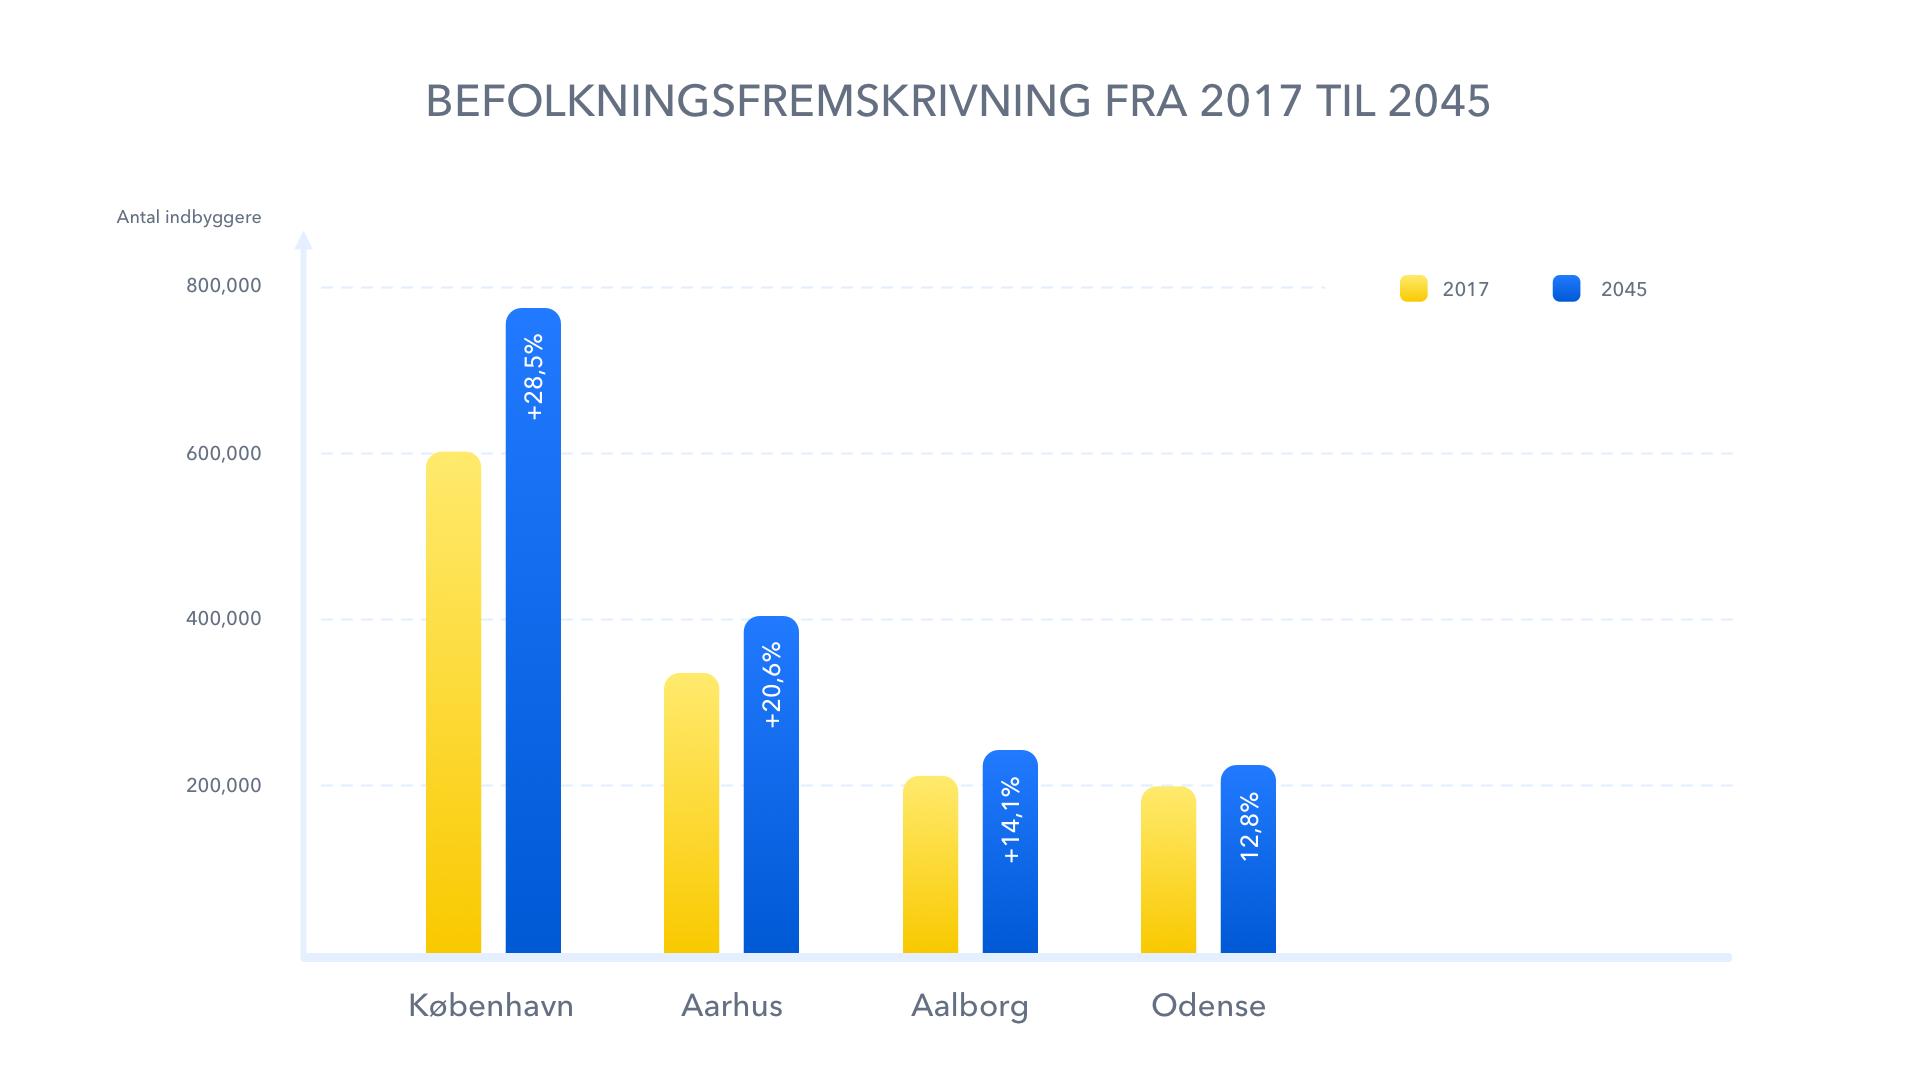 Stigning af beboere i København. Kilde: Danmarks Statistik